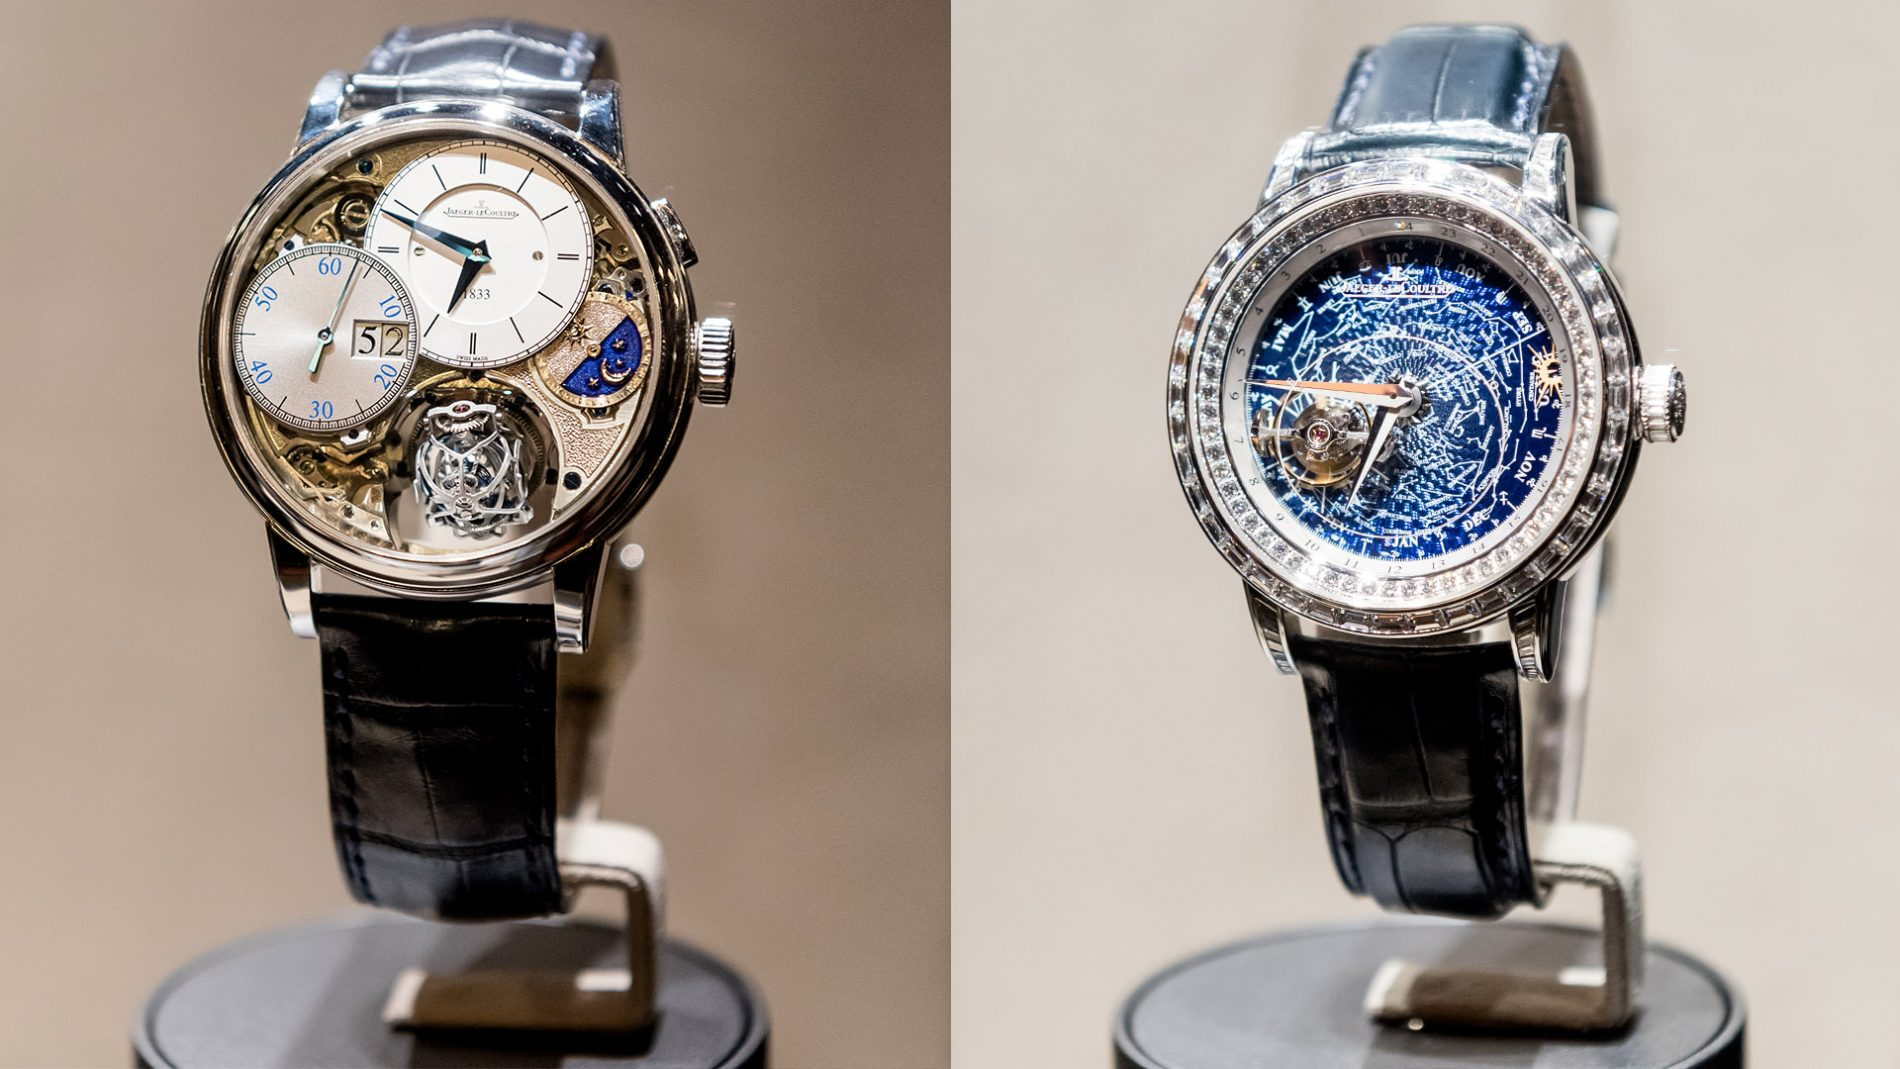 El Corte Inglés Designer Watch Luxury Chronograph Jaeger-LeCoultre